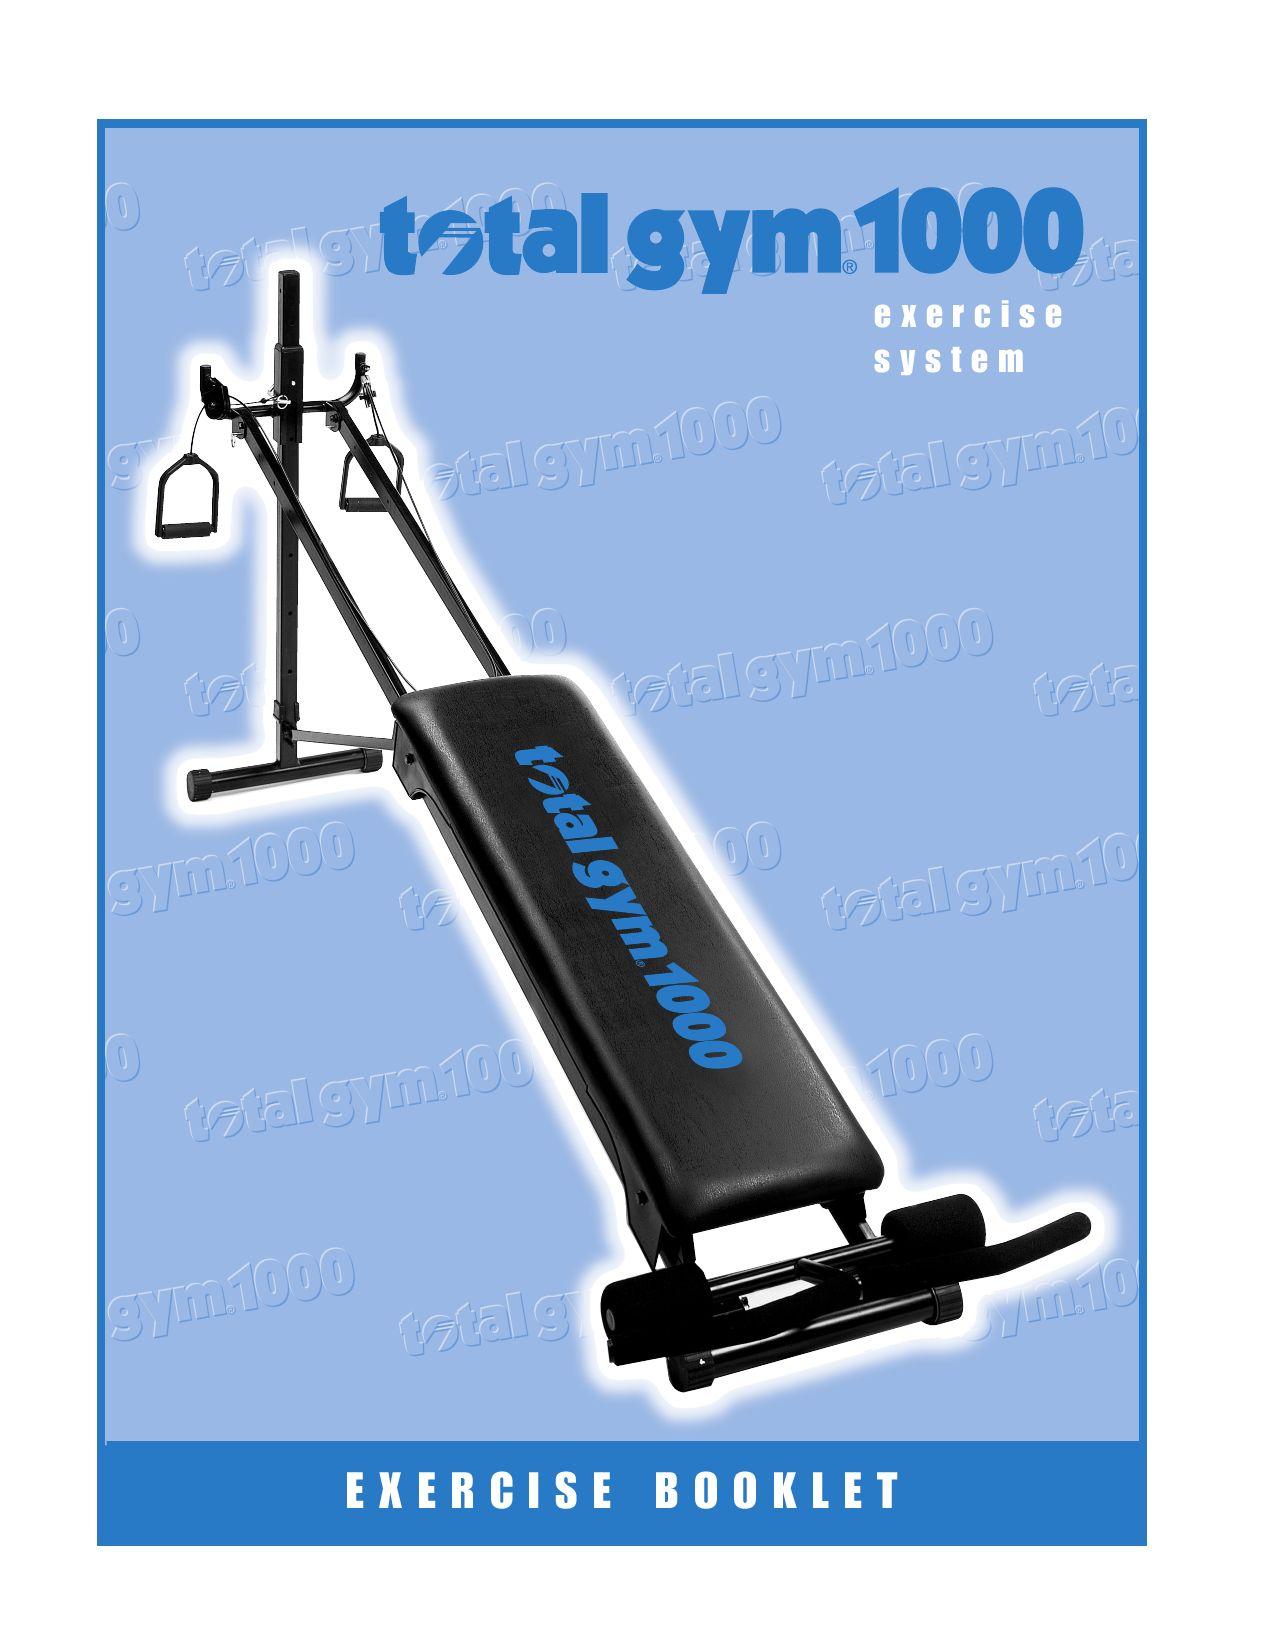 Exercise routines: vigorfit exercise routines.